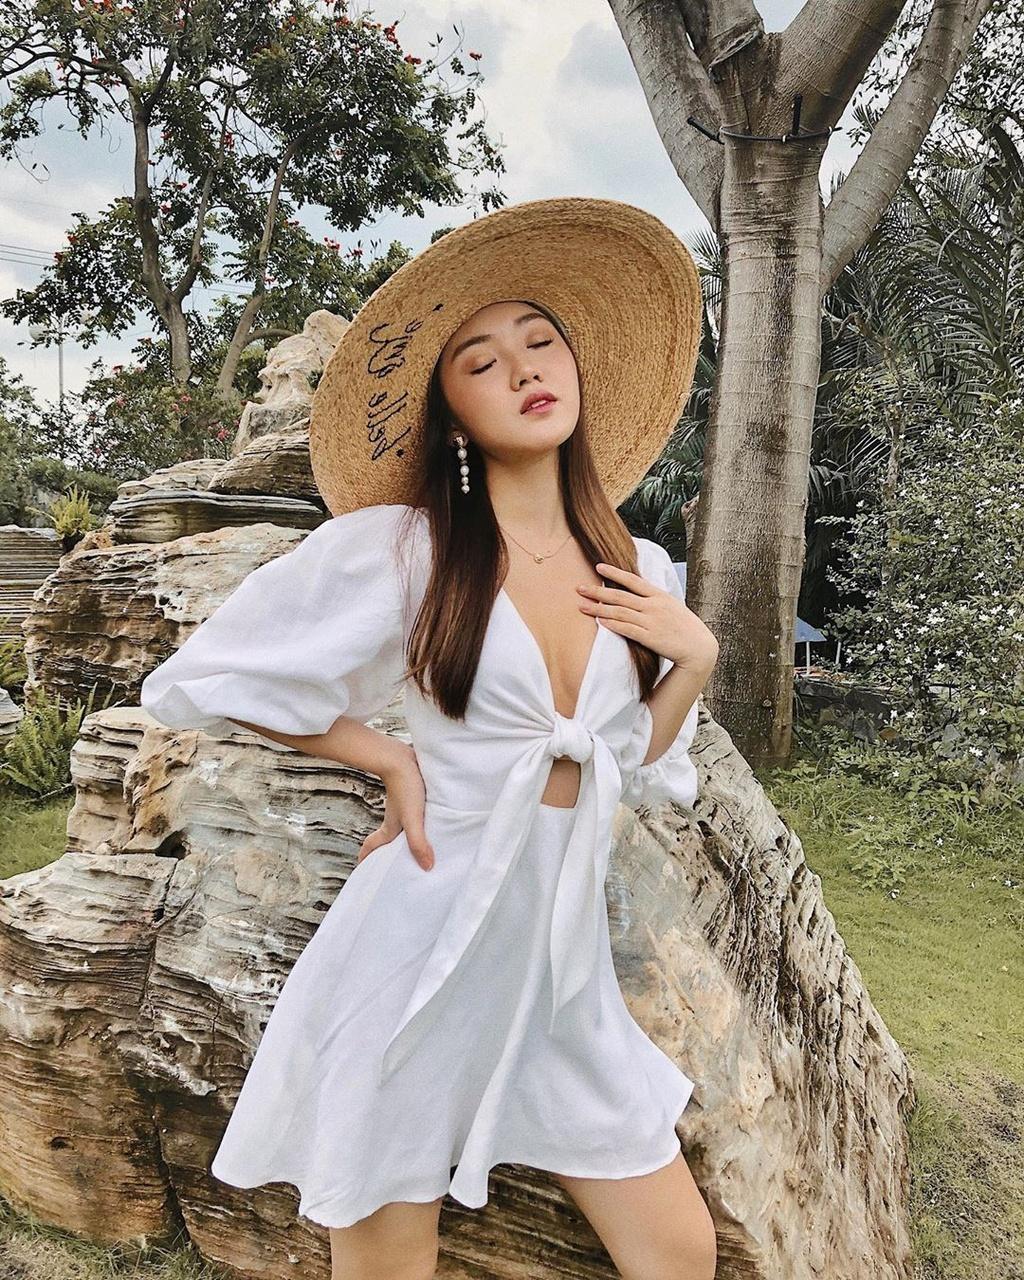 2 beauty blogger bang tuoi, xuat than giau co, ngoai hinh cuon hut hinh anh 4